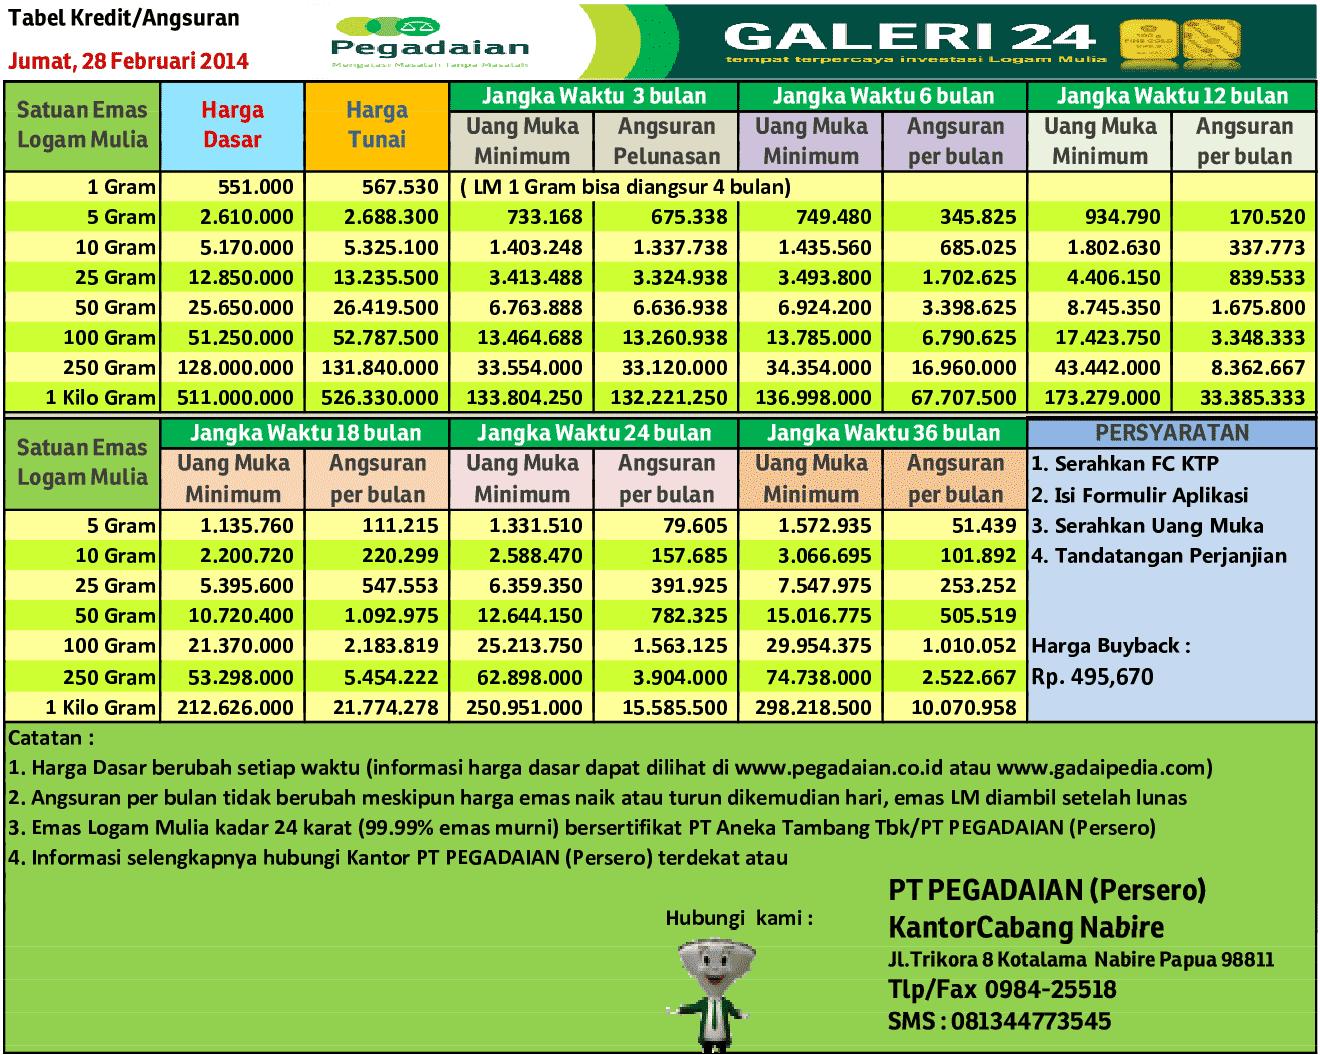 harga emas dan tabel kredit emas pegadaian 28 februari 2014